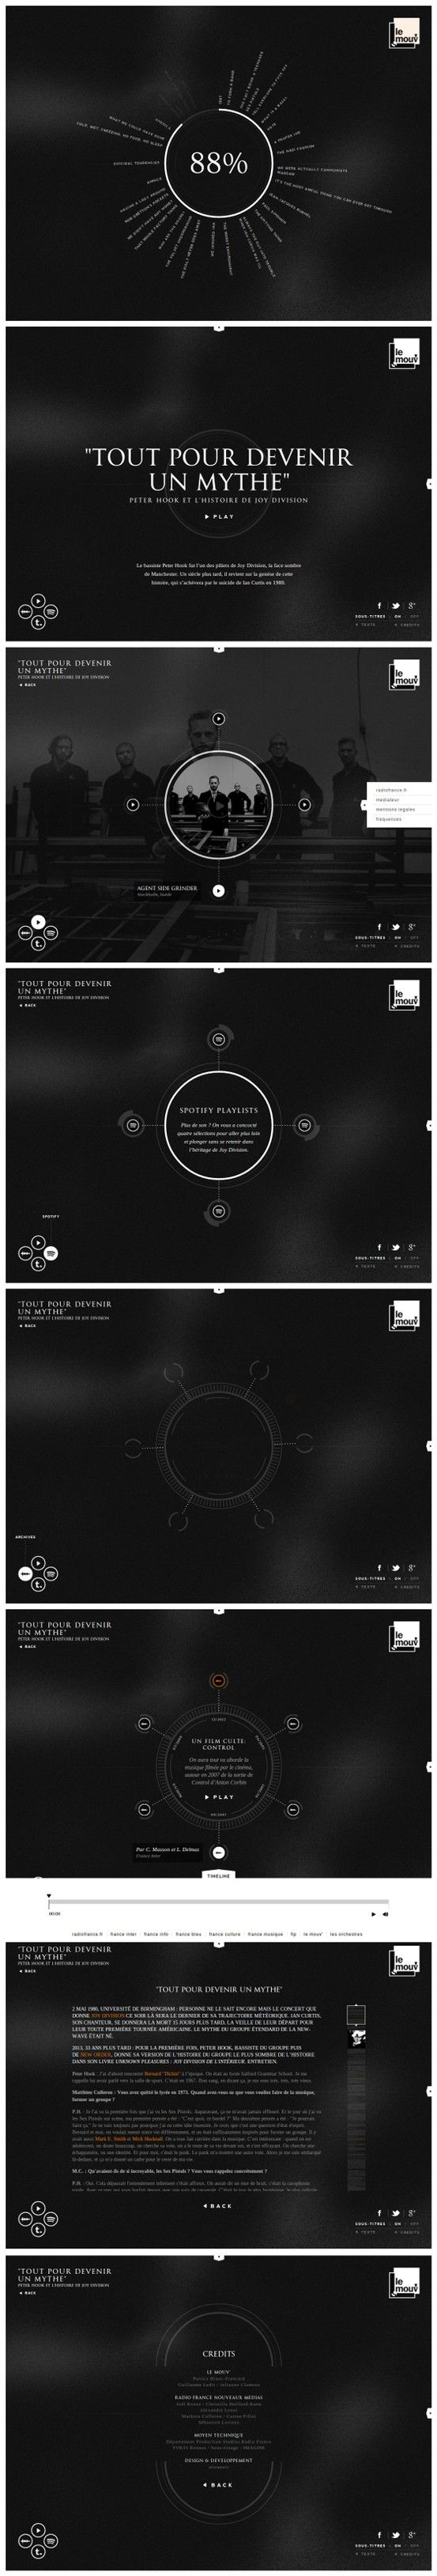 Round #concept / #dark #webdesign